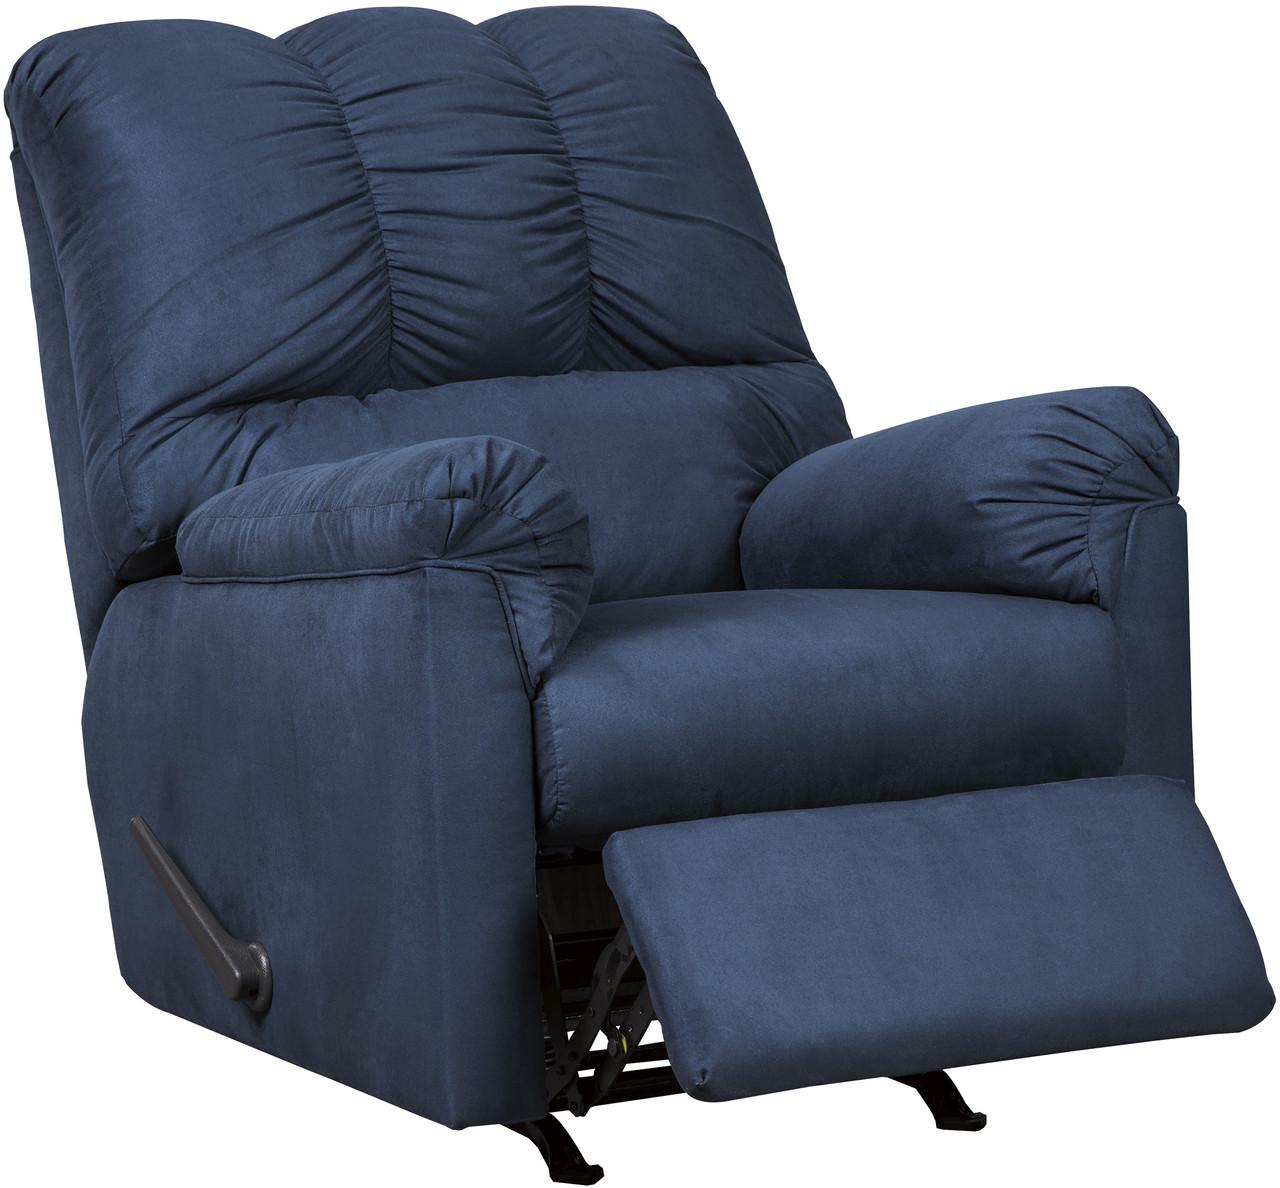 Sensational Edeline Royal Blue Plush Rocker Recliner Pdpeps Interior Chair Design Pdpepsorg